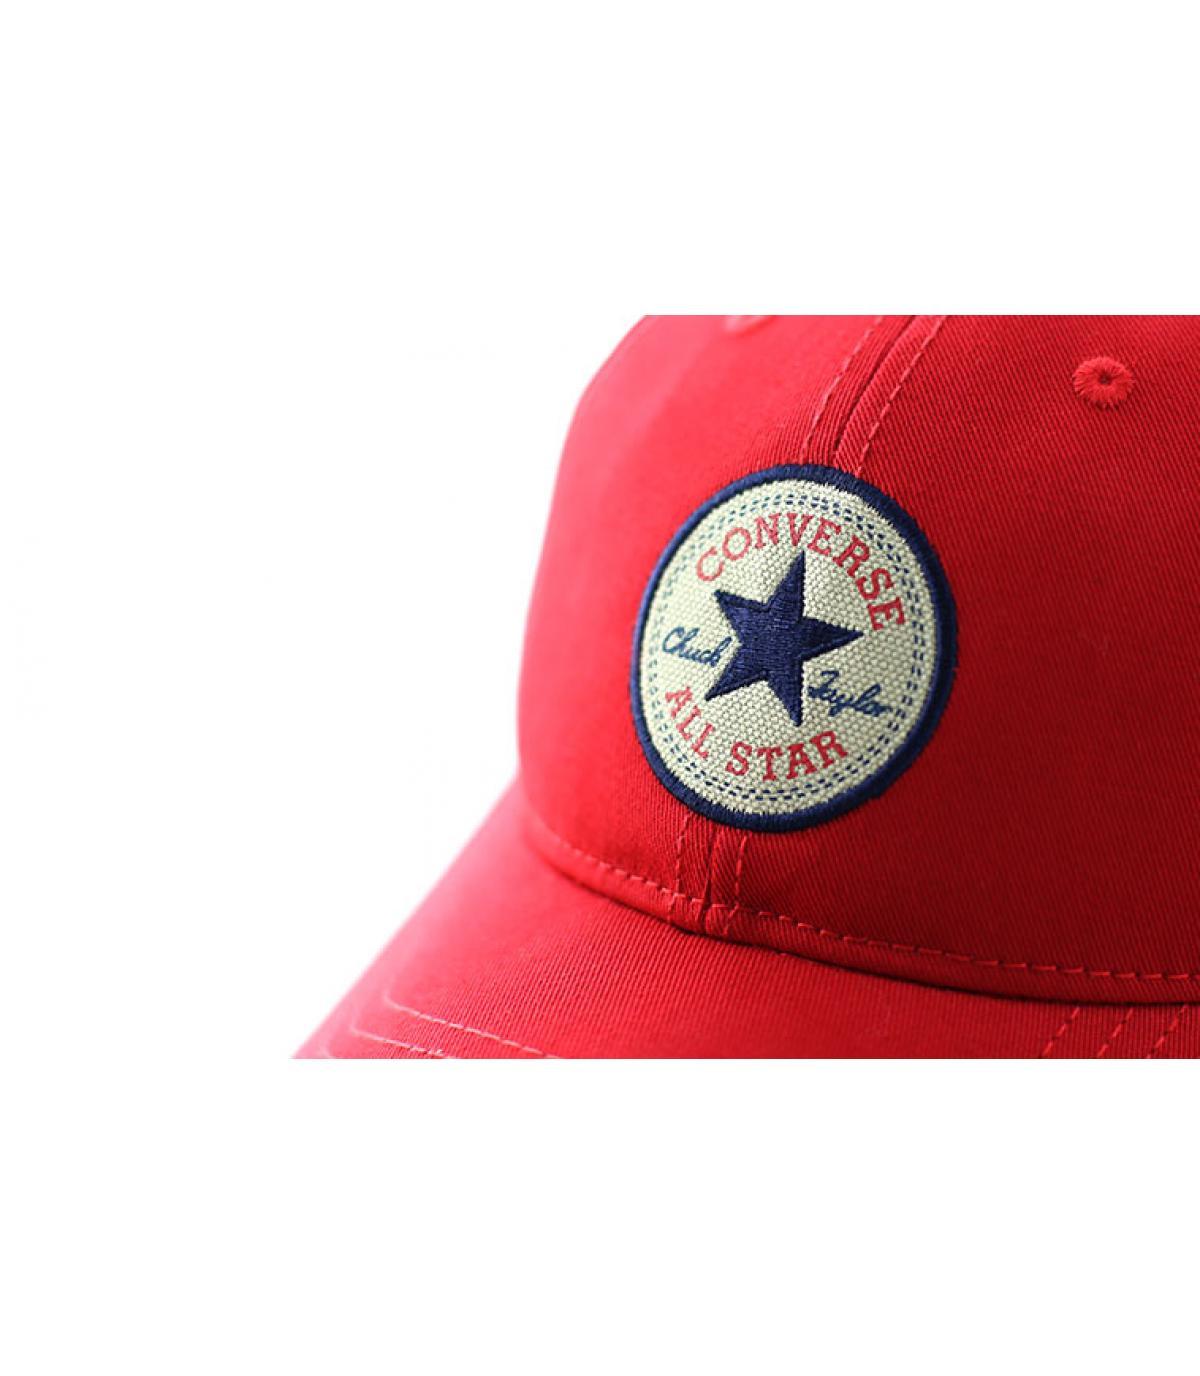 casquette converse homme rouge